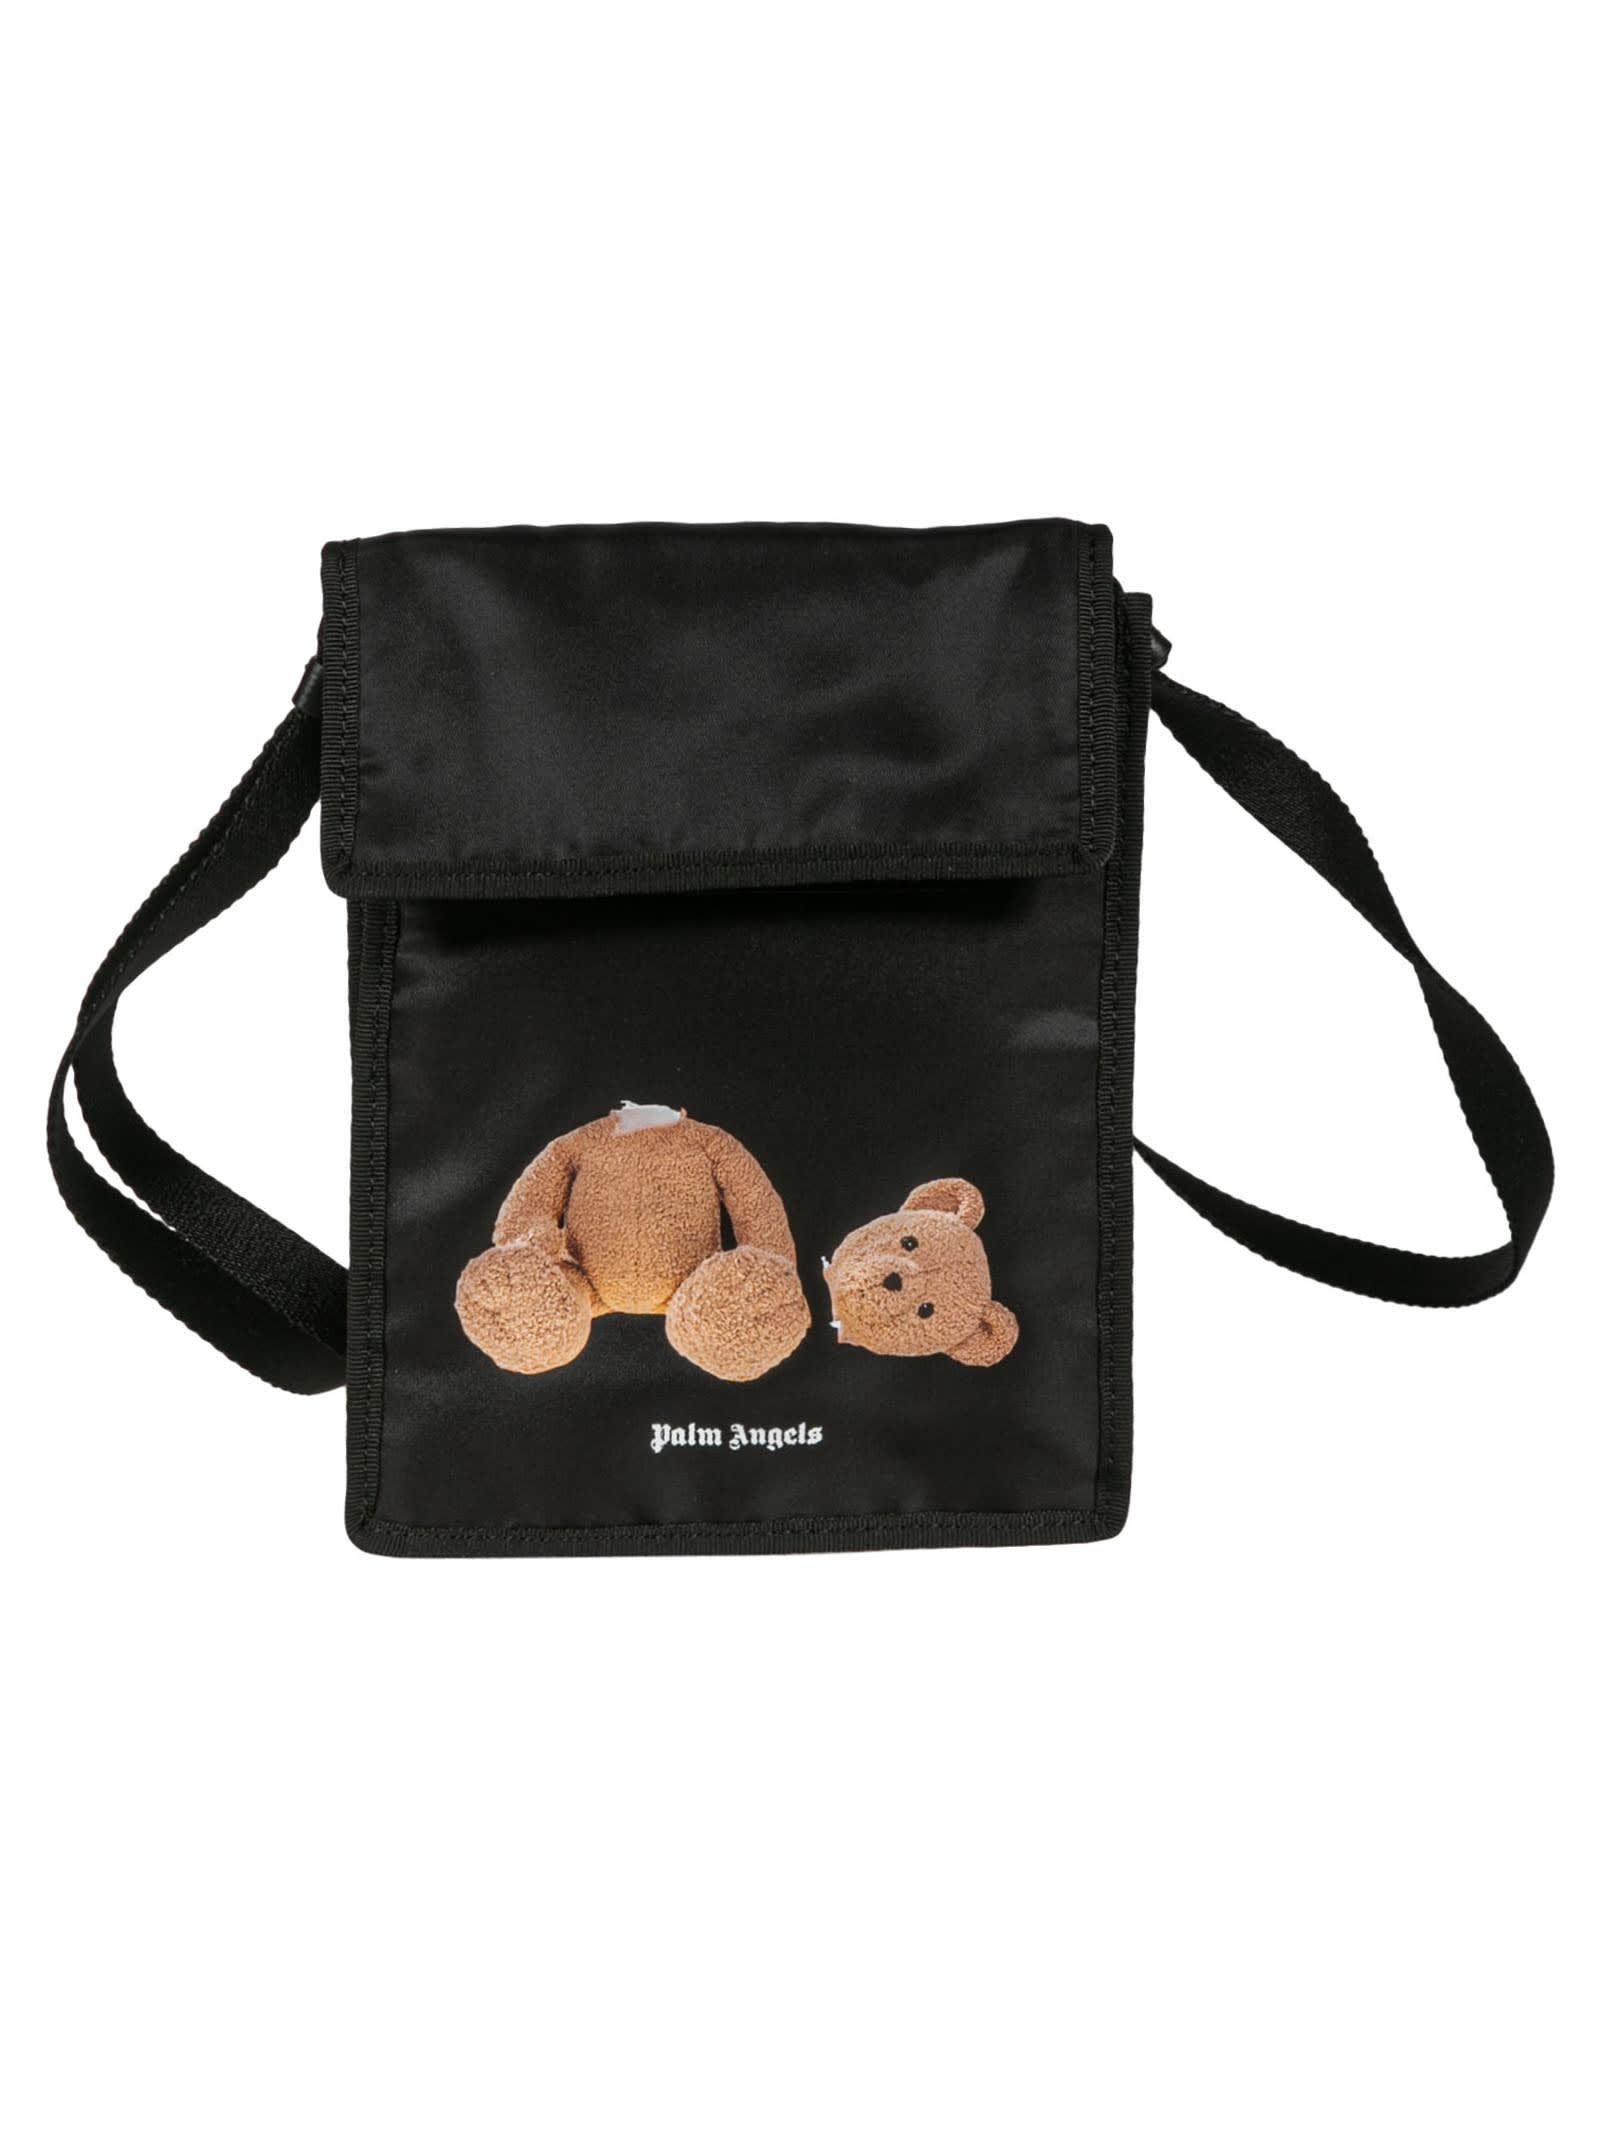 Palm Angels BEAR POCKET SHOULDER BAG